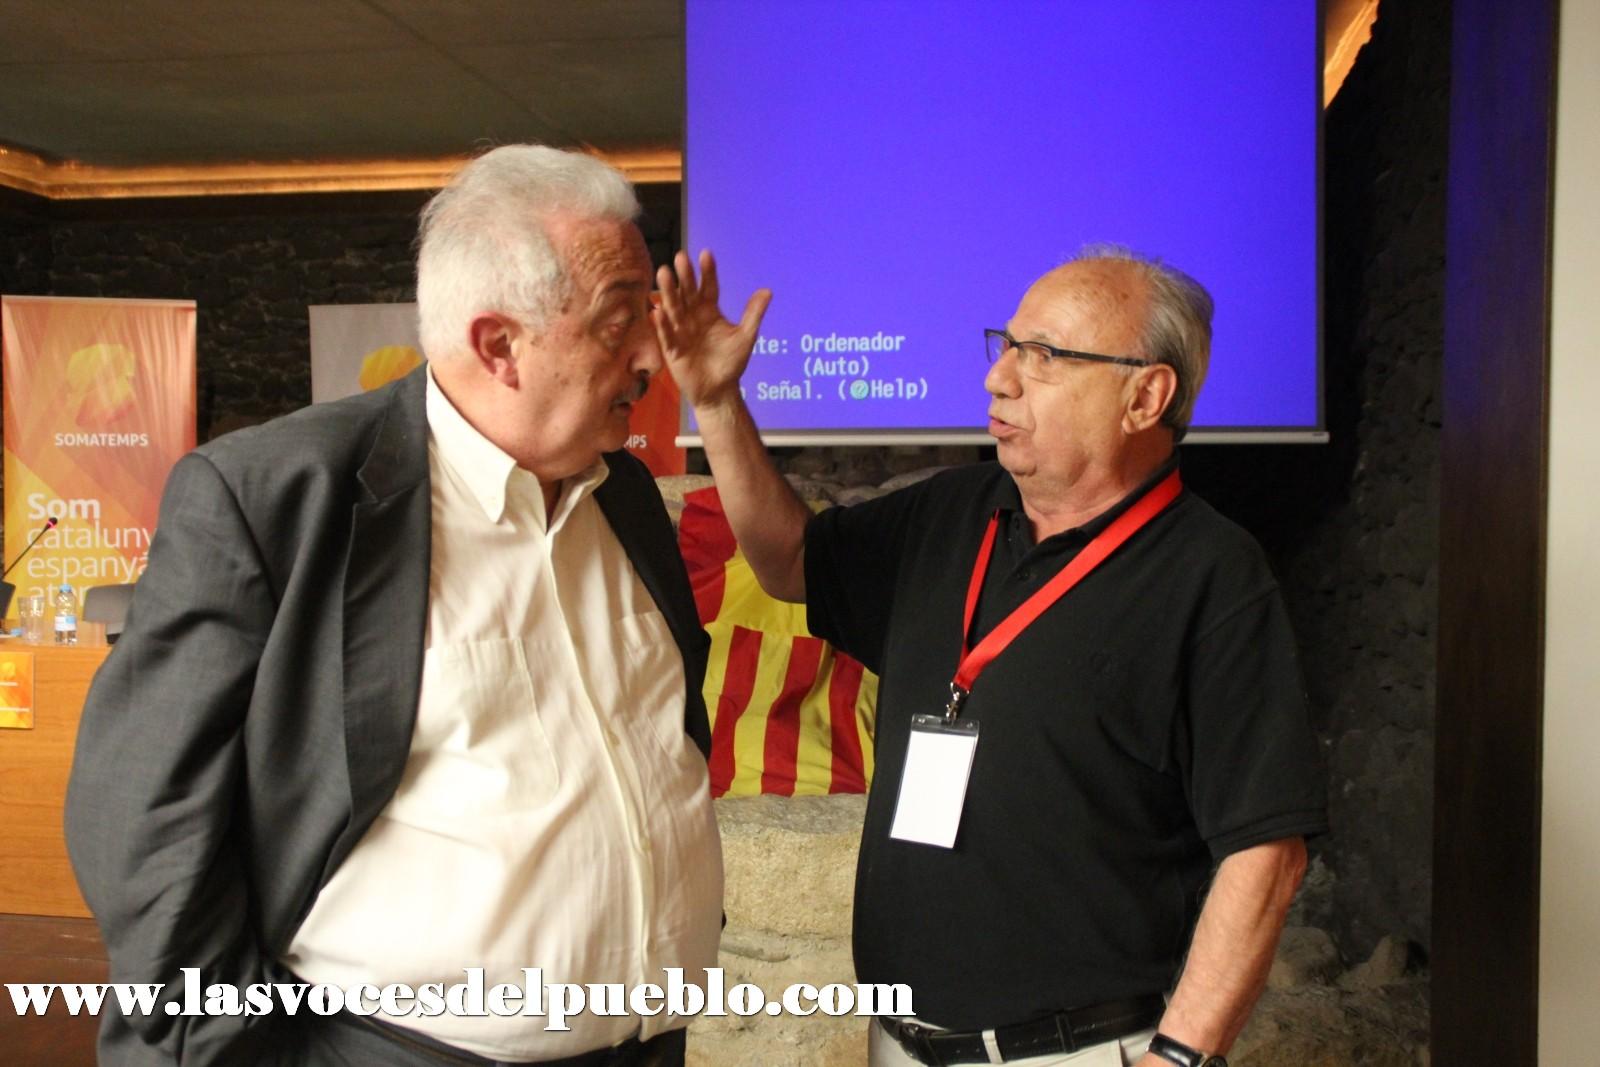 las voces del pueblo_I Congreso de Somatemps_Ripoll_Gerona (197)